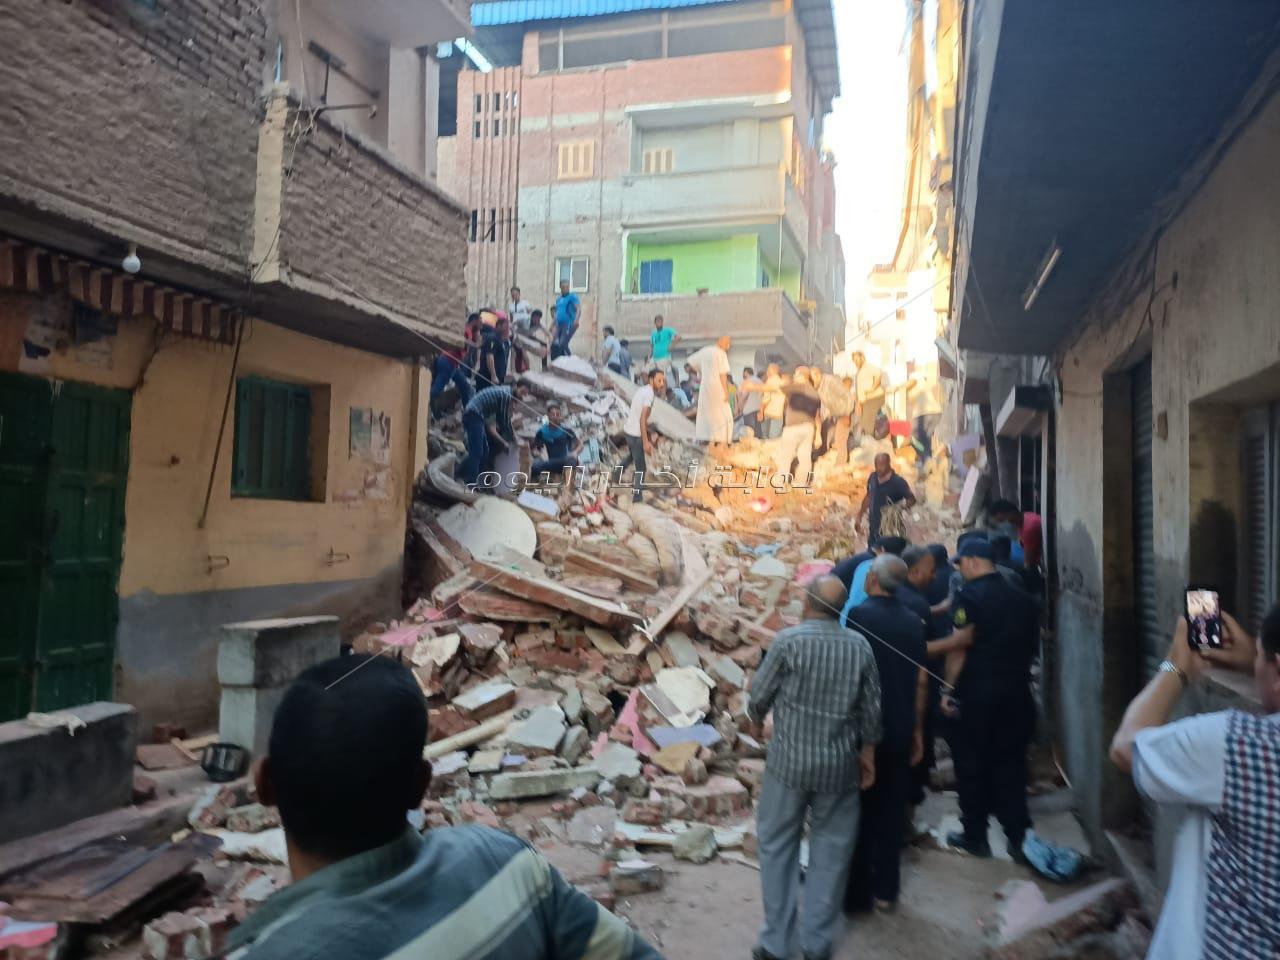 انهيار منزل بشكل مفاجيء في المحلة وانباء عن وفيات ومابين